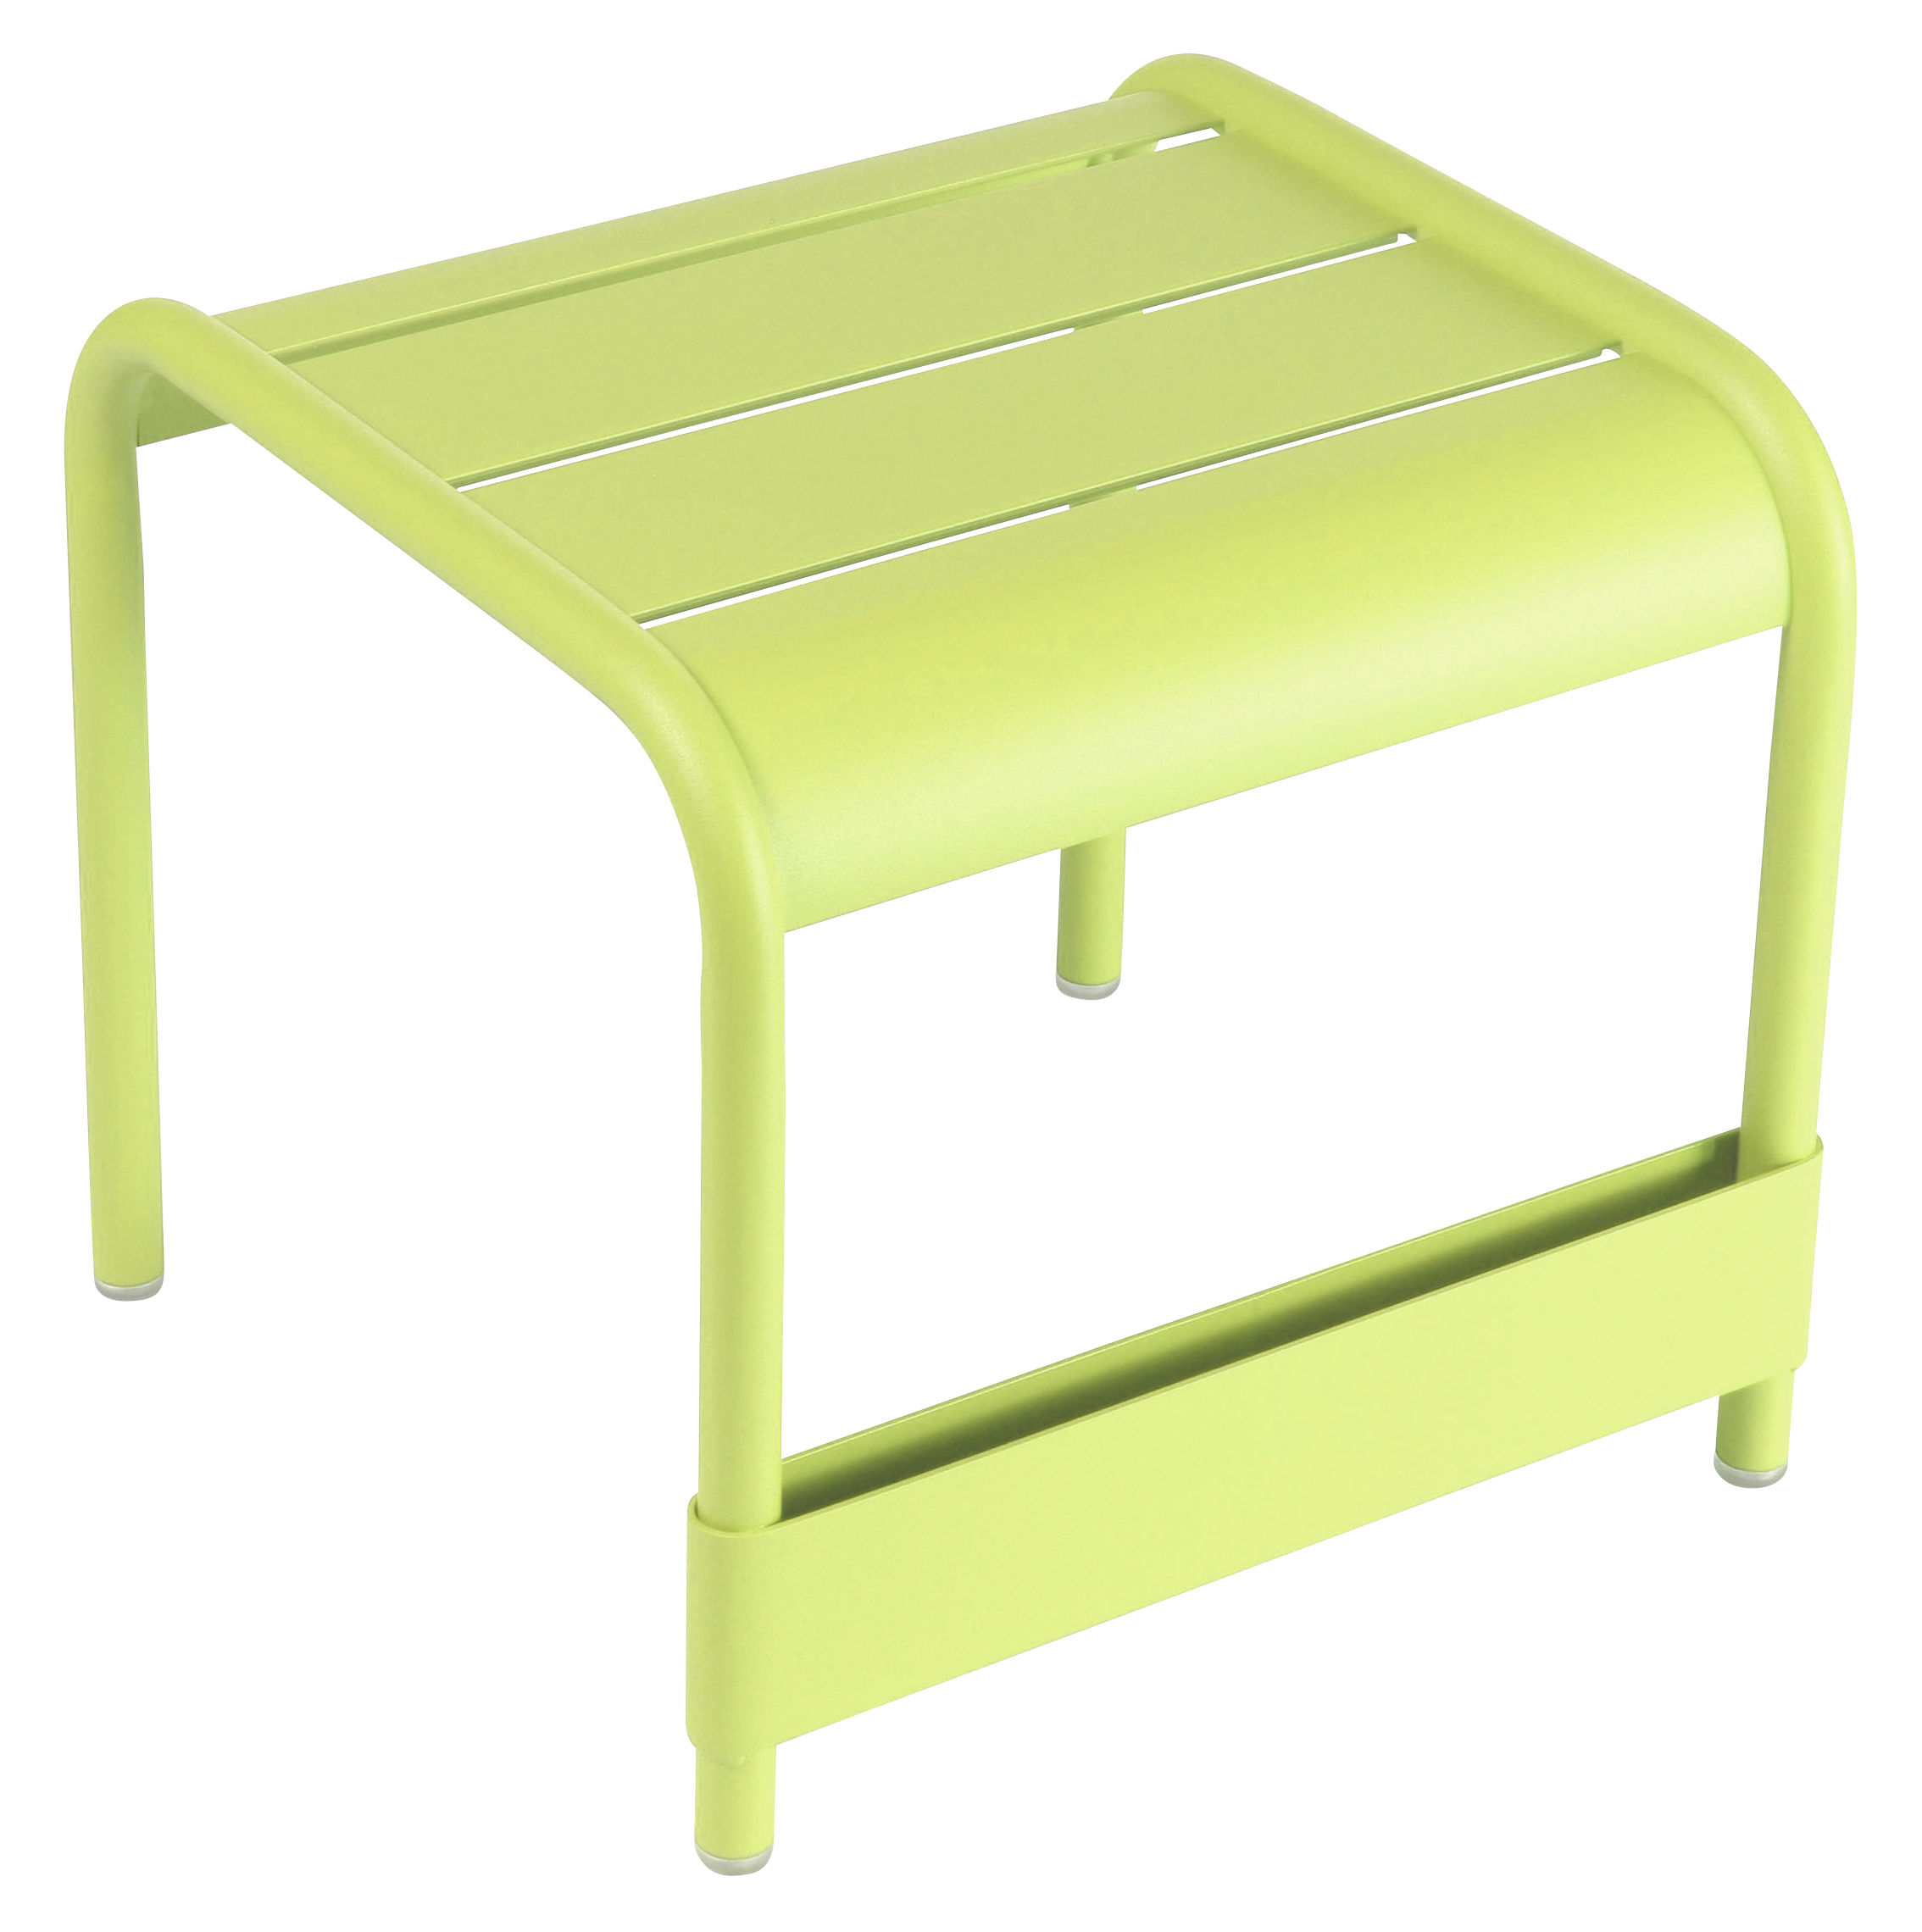 Life Style - Tavolino d'appoggio Luxembourg - L 42 cm di Fermob - Verbena - Alluminio laccato